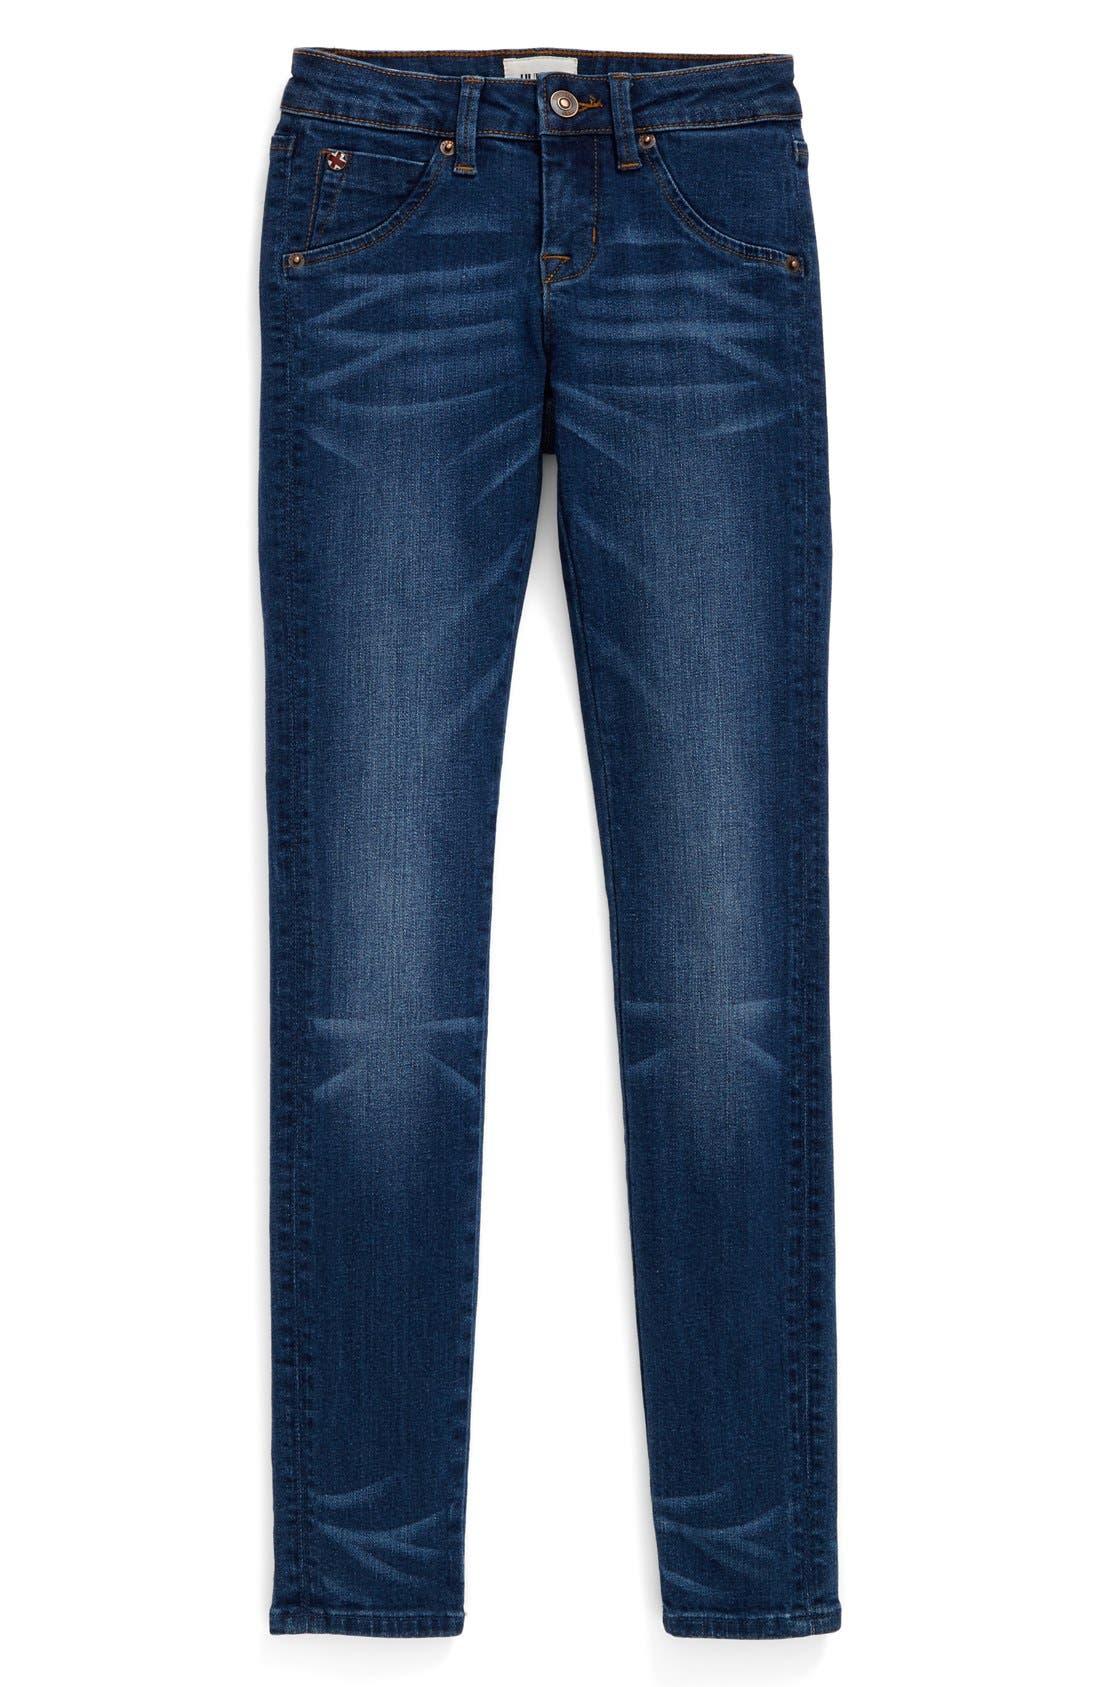 HUDSON KIDS 'Collin' Skinny Jeans